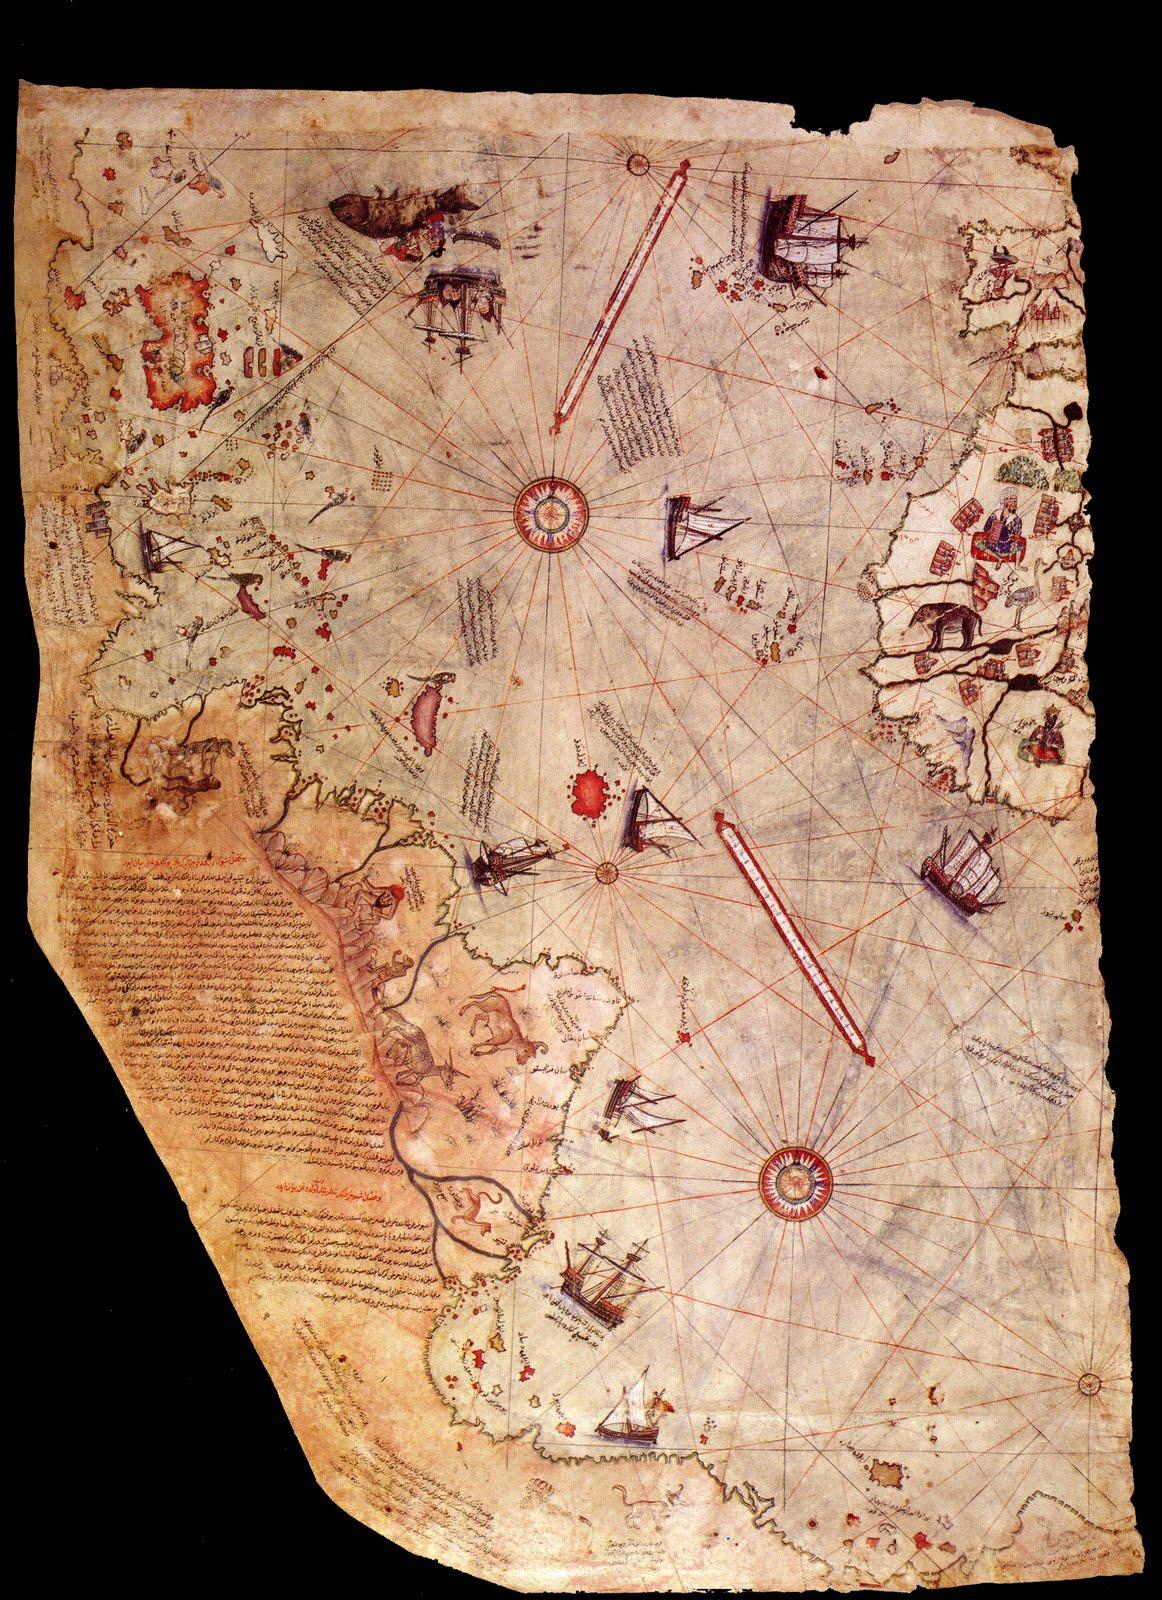 http://3.bp.blogspot.com/_Qzu5iE26p7c/TTBWTYOn6ZI/AAAAAAAAAoc/4-oMU2LTJuA/s1600/Piri_reis_world_map_01.jpg